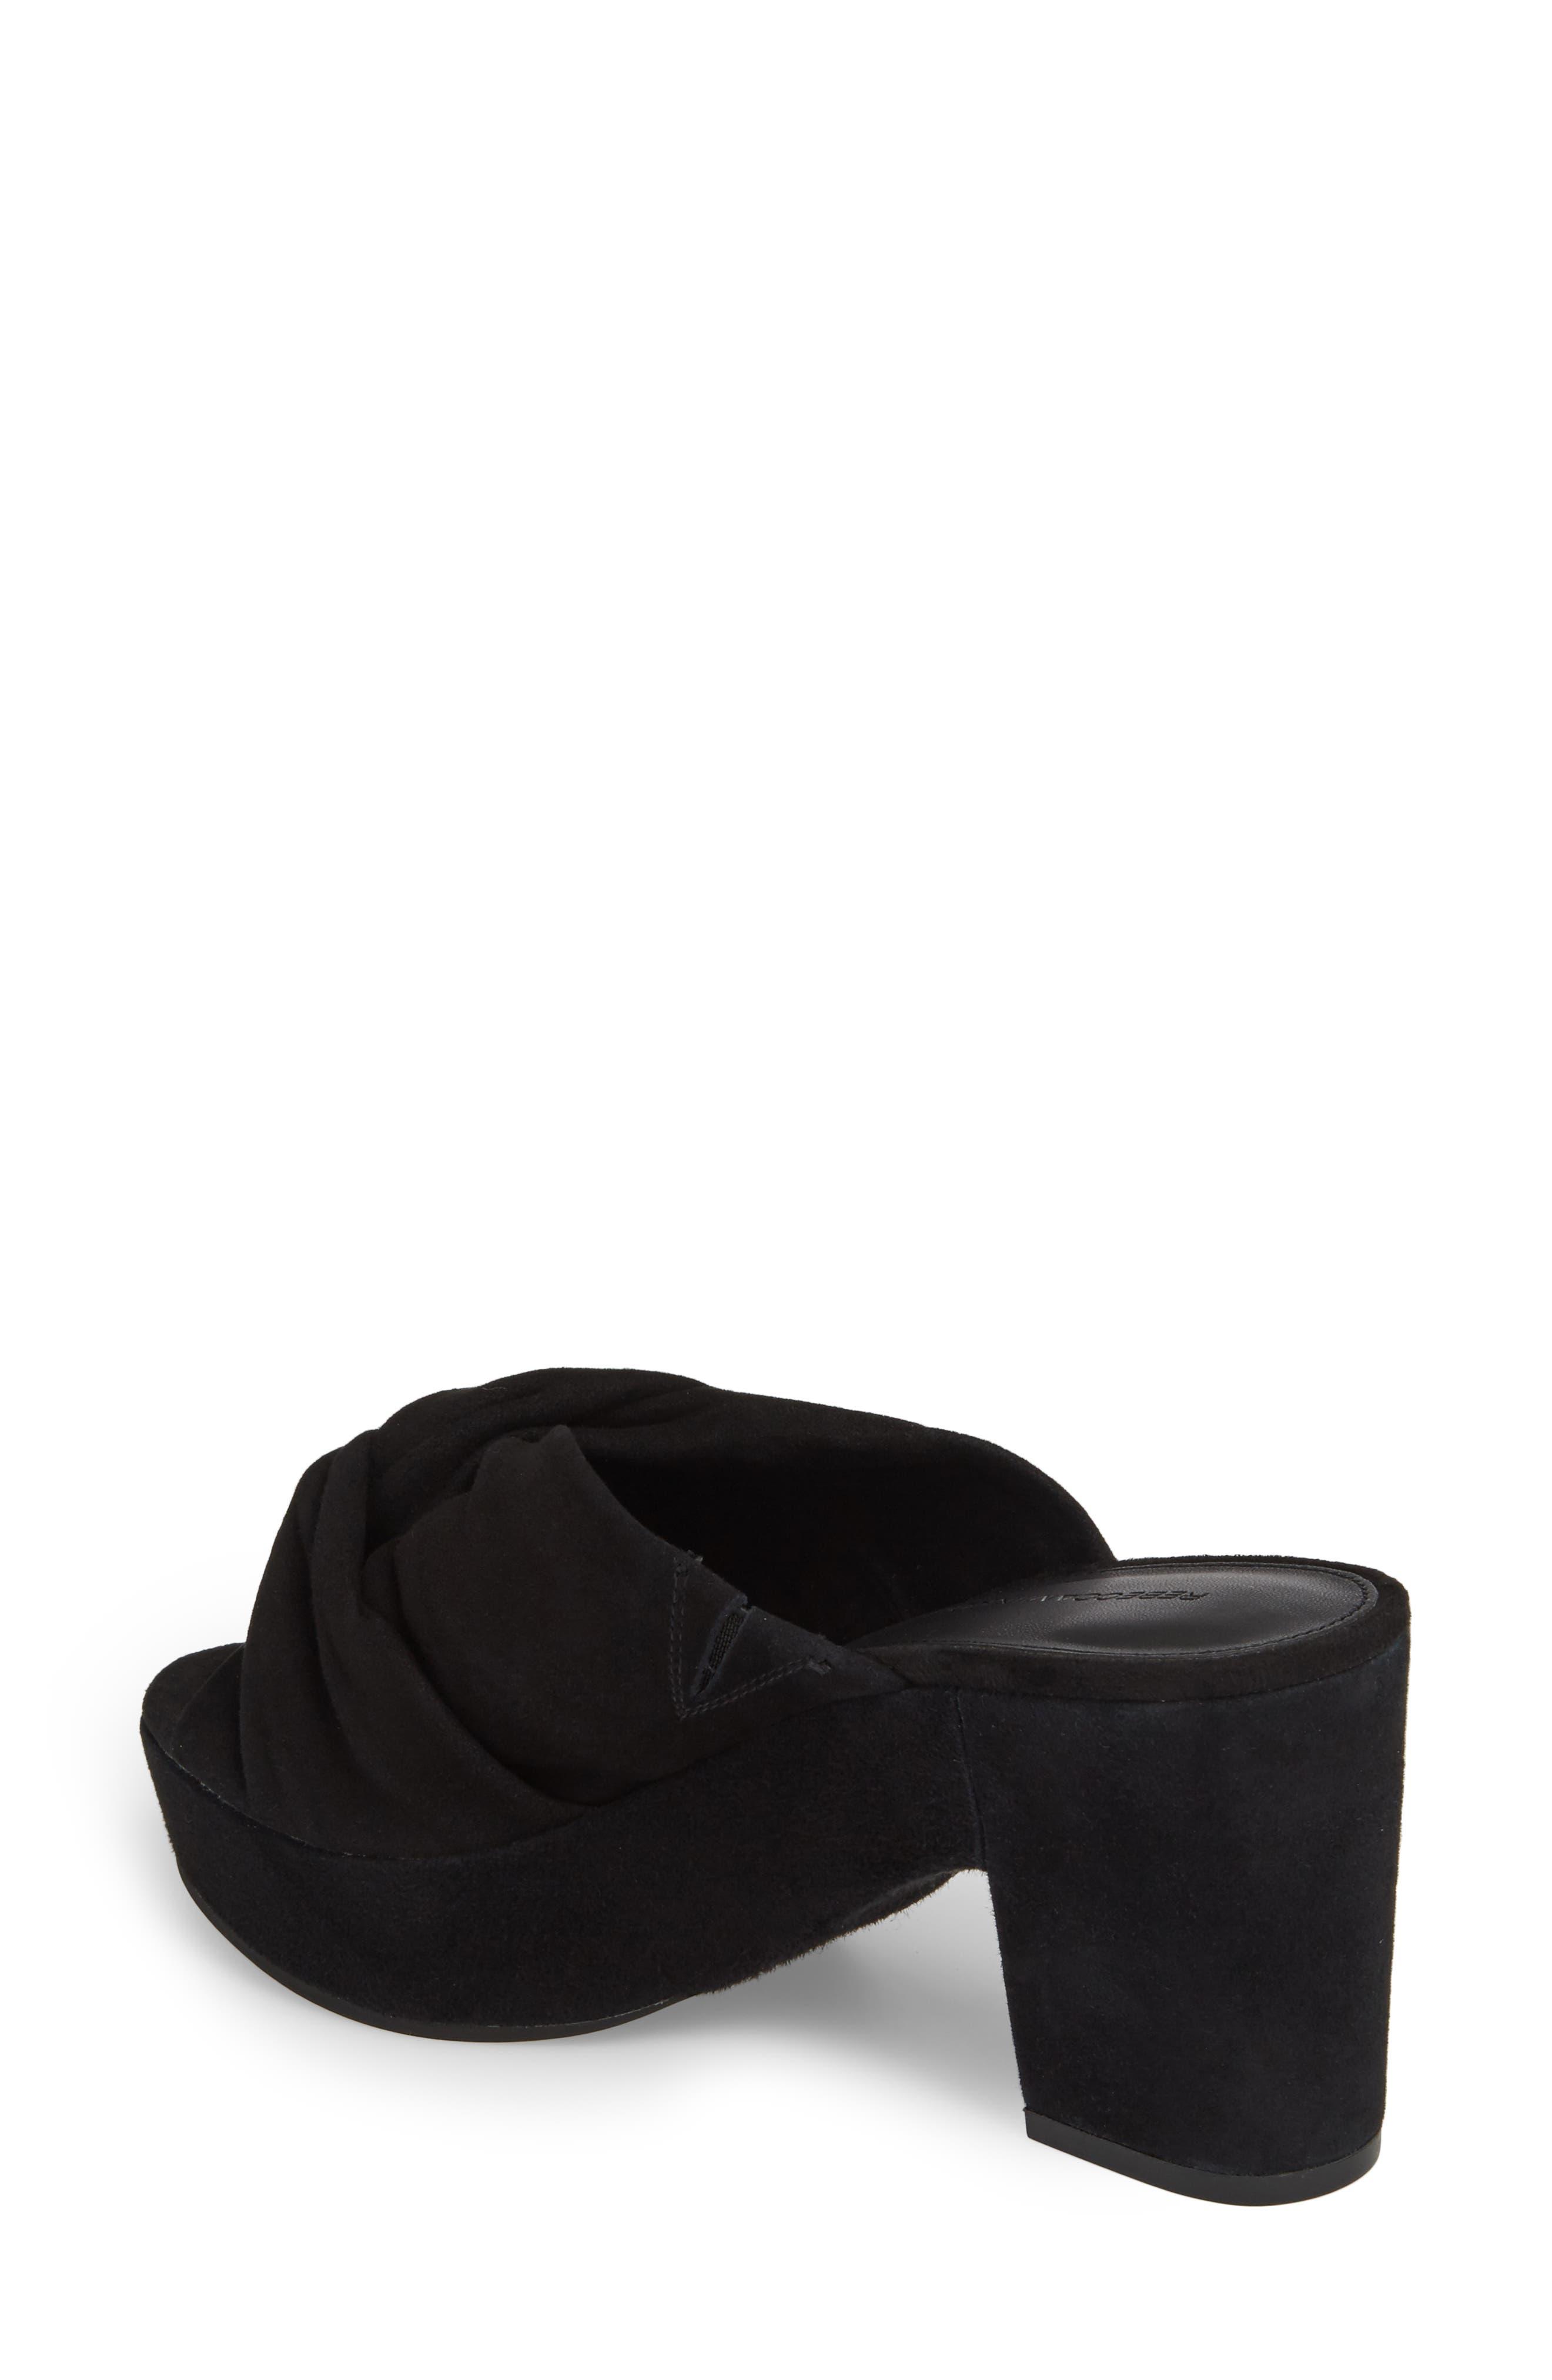 Jaden Slide Sandal,                             Alternate thumbnail 2, color,                             Black Satin